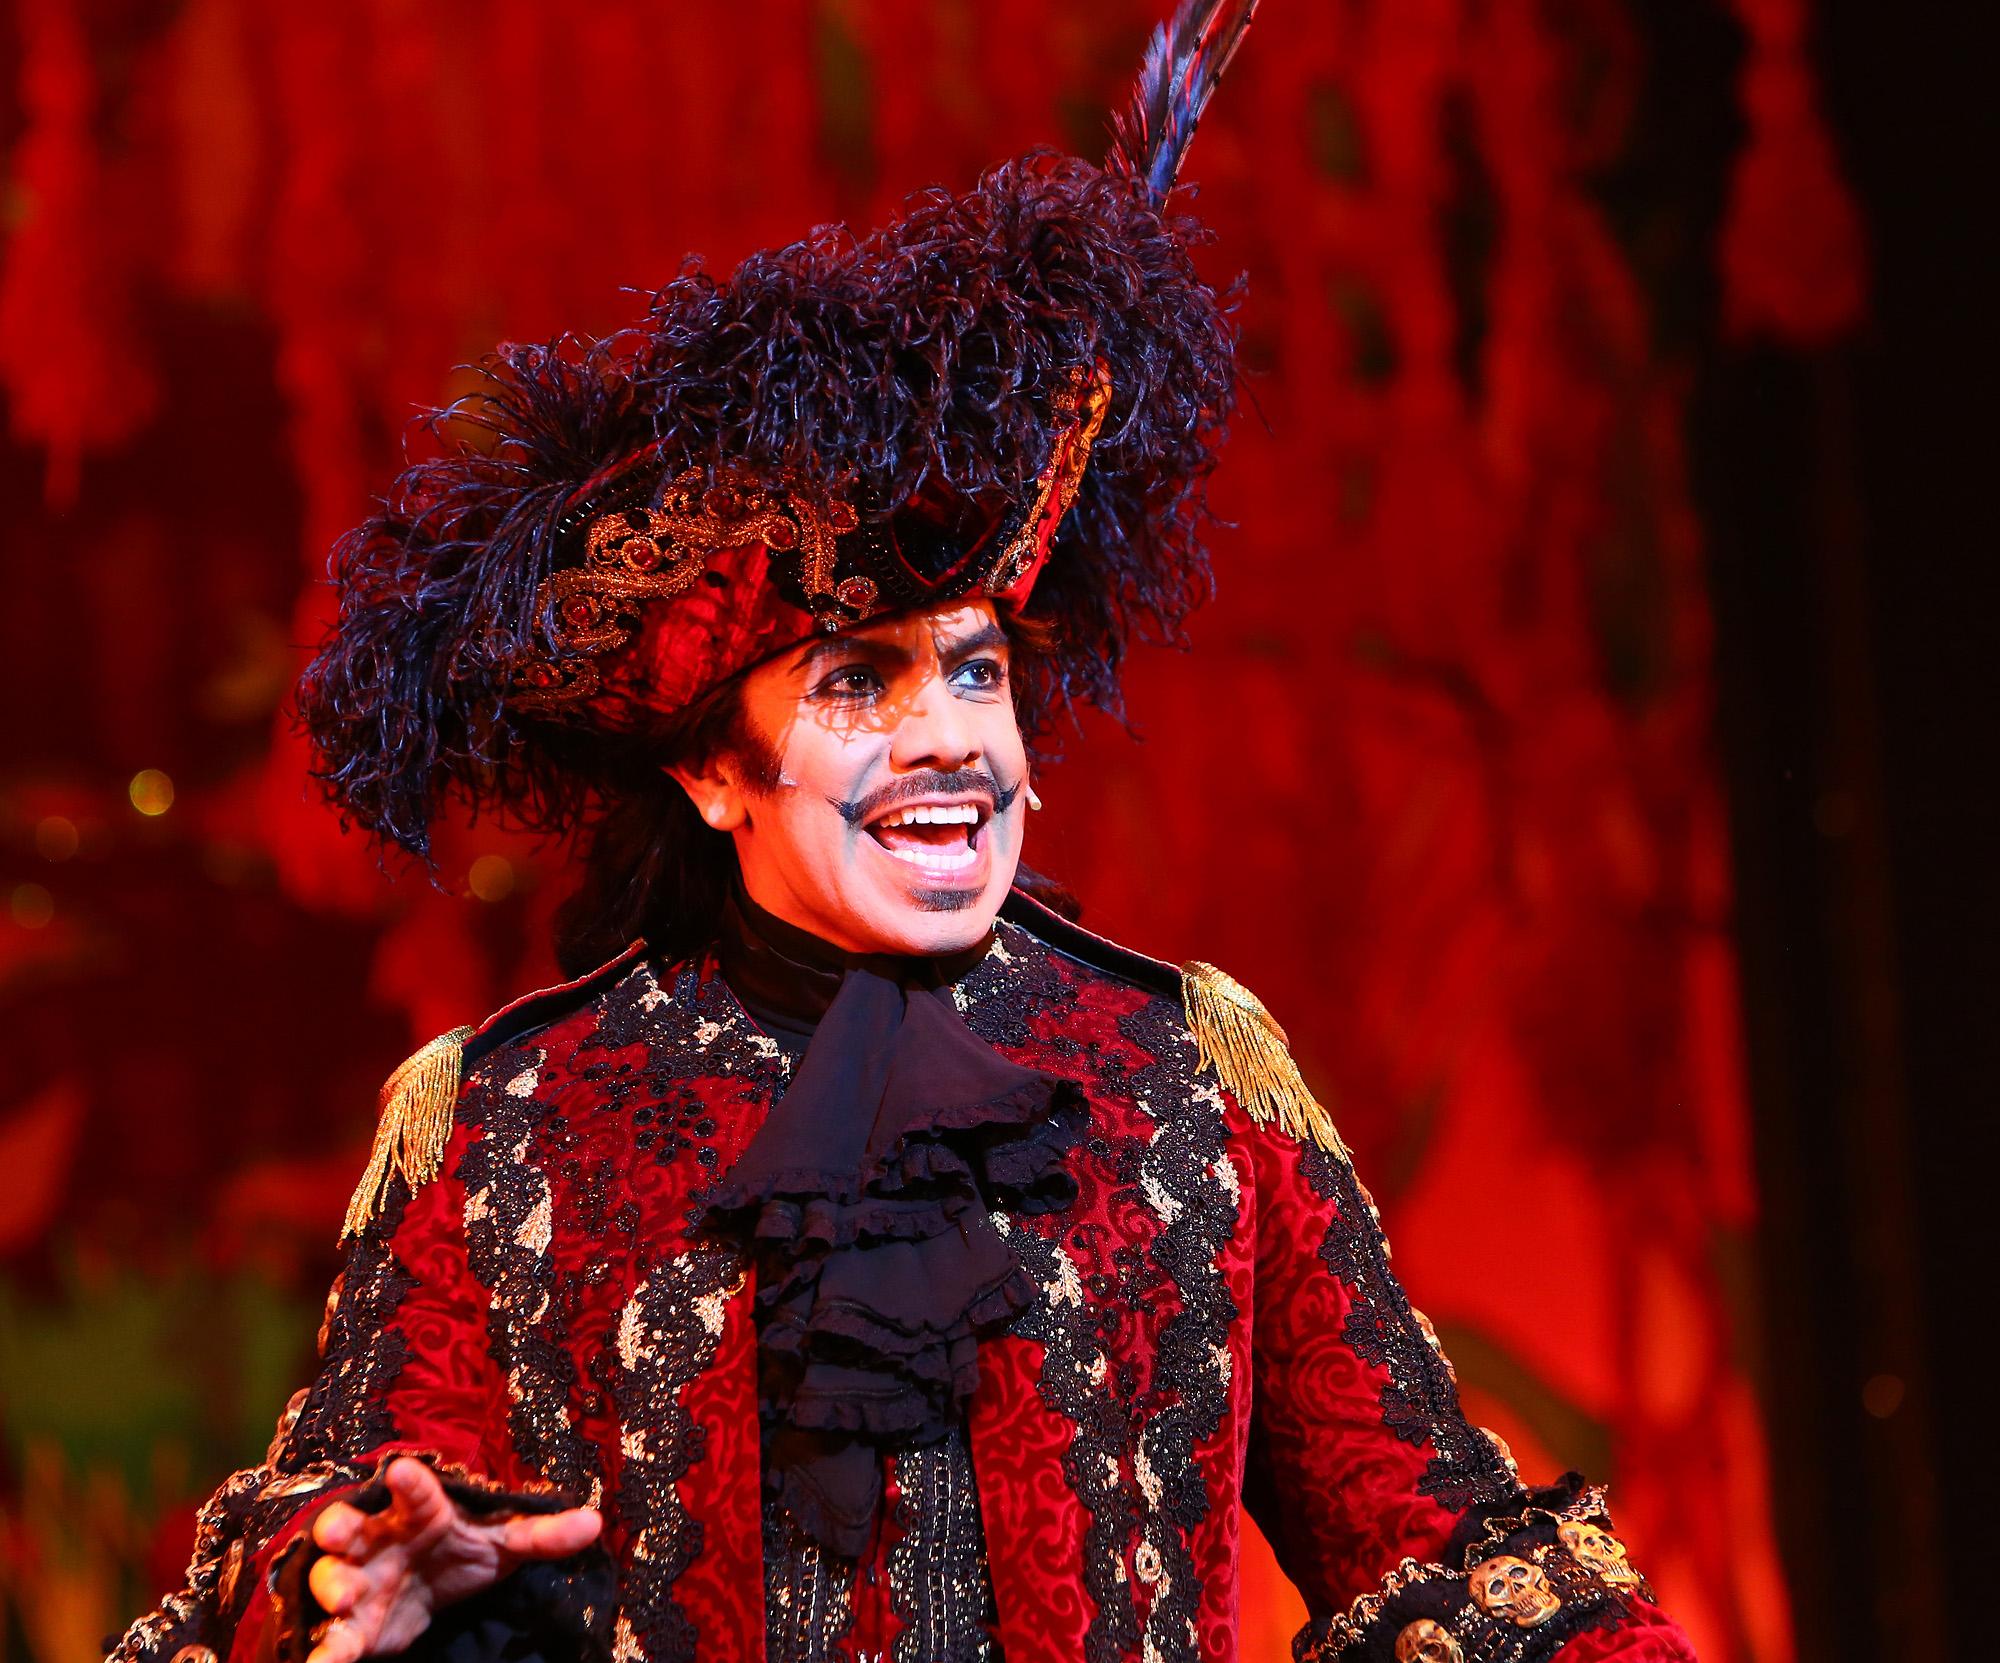 Peter Pan. David Bedella as Captain Hook in 'Peter Pan' at Milton Keynes Theatre, Christmas 2014.